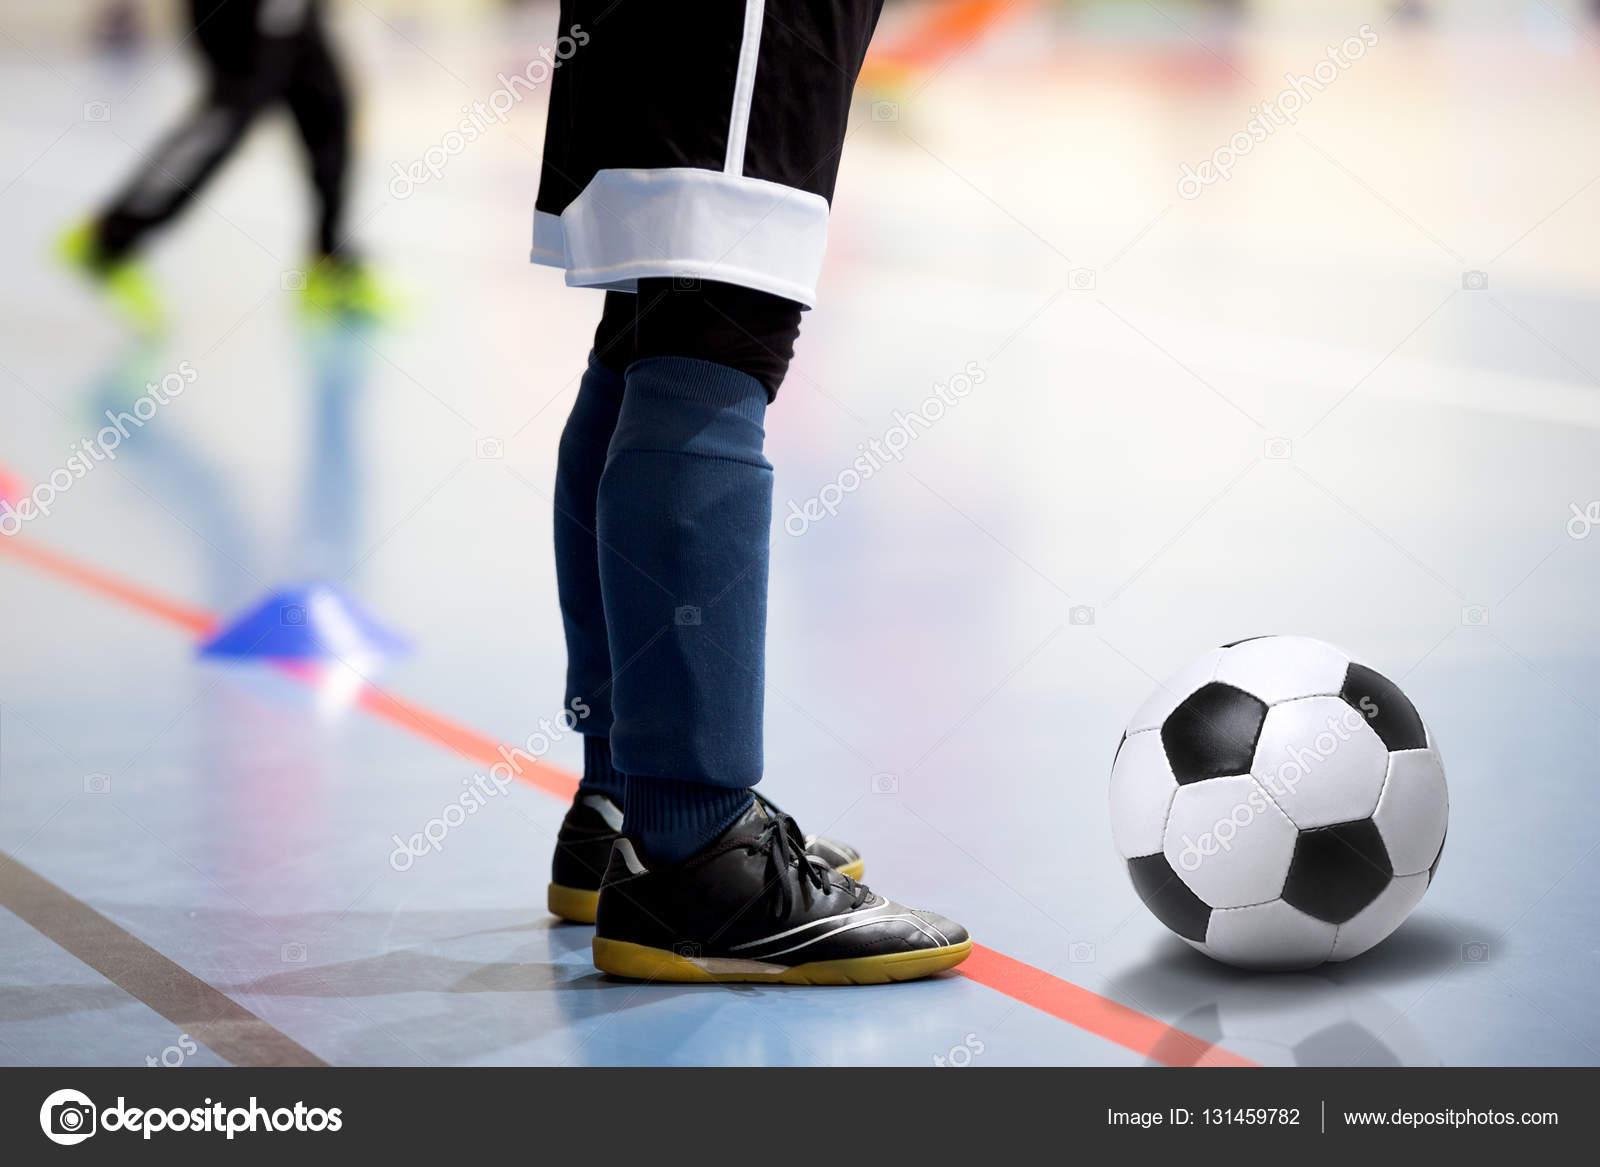 Sesión de entrenamiento de fútbol fútbol sala. Jugador de fútbol con balón  de fútbol. d1e4f472dc5b8